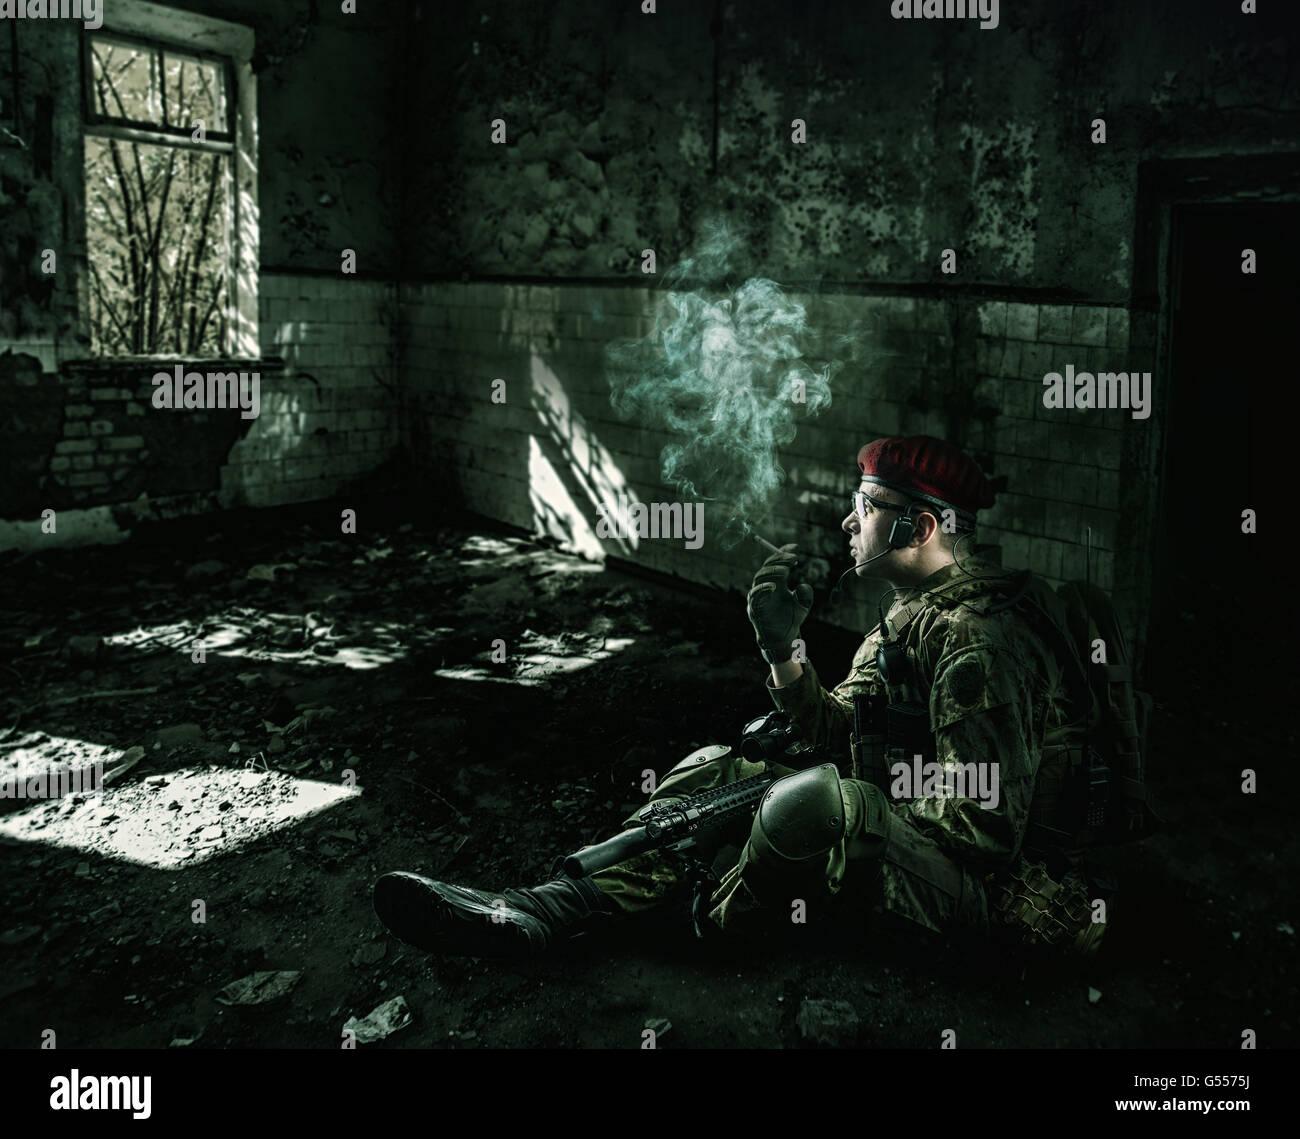 Soldat fatigué. guerre portant un uniforme militaire avec de rapides automatique assis dans la nuit dans le Photo Stock